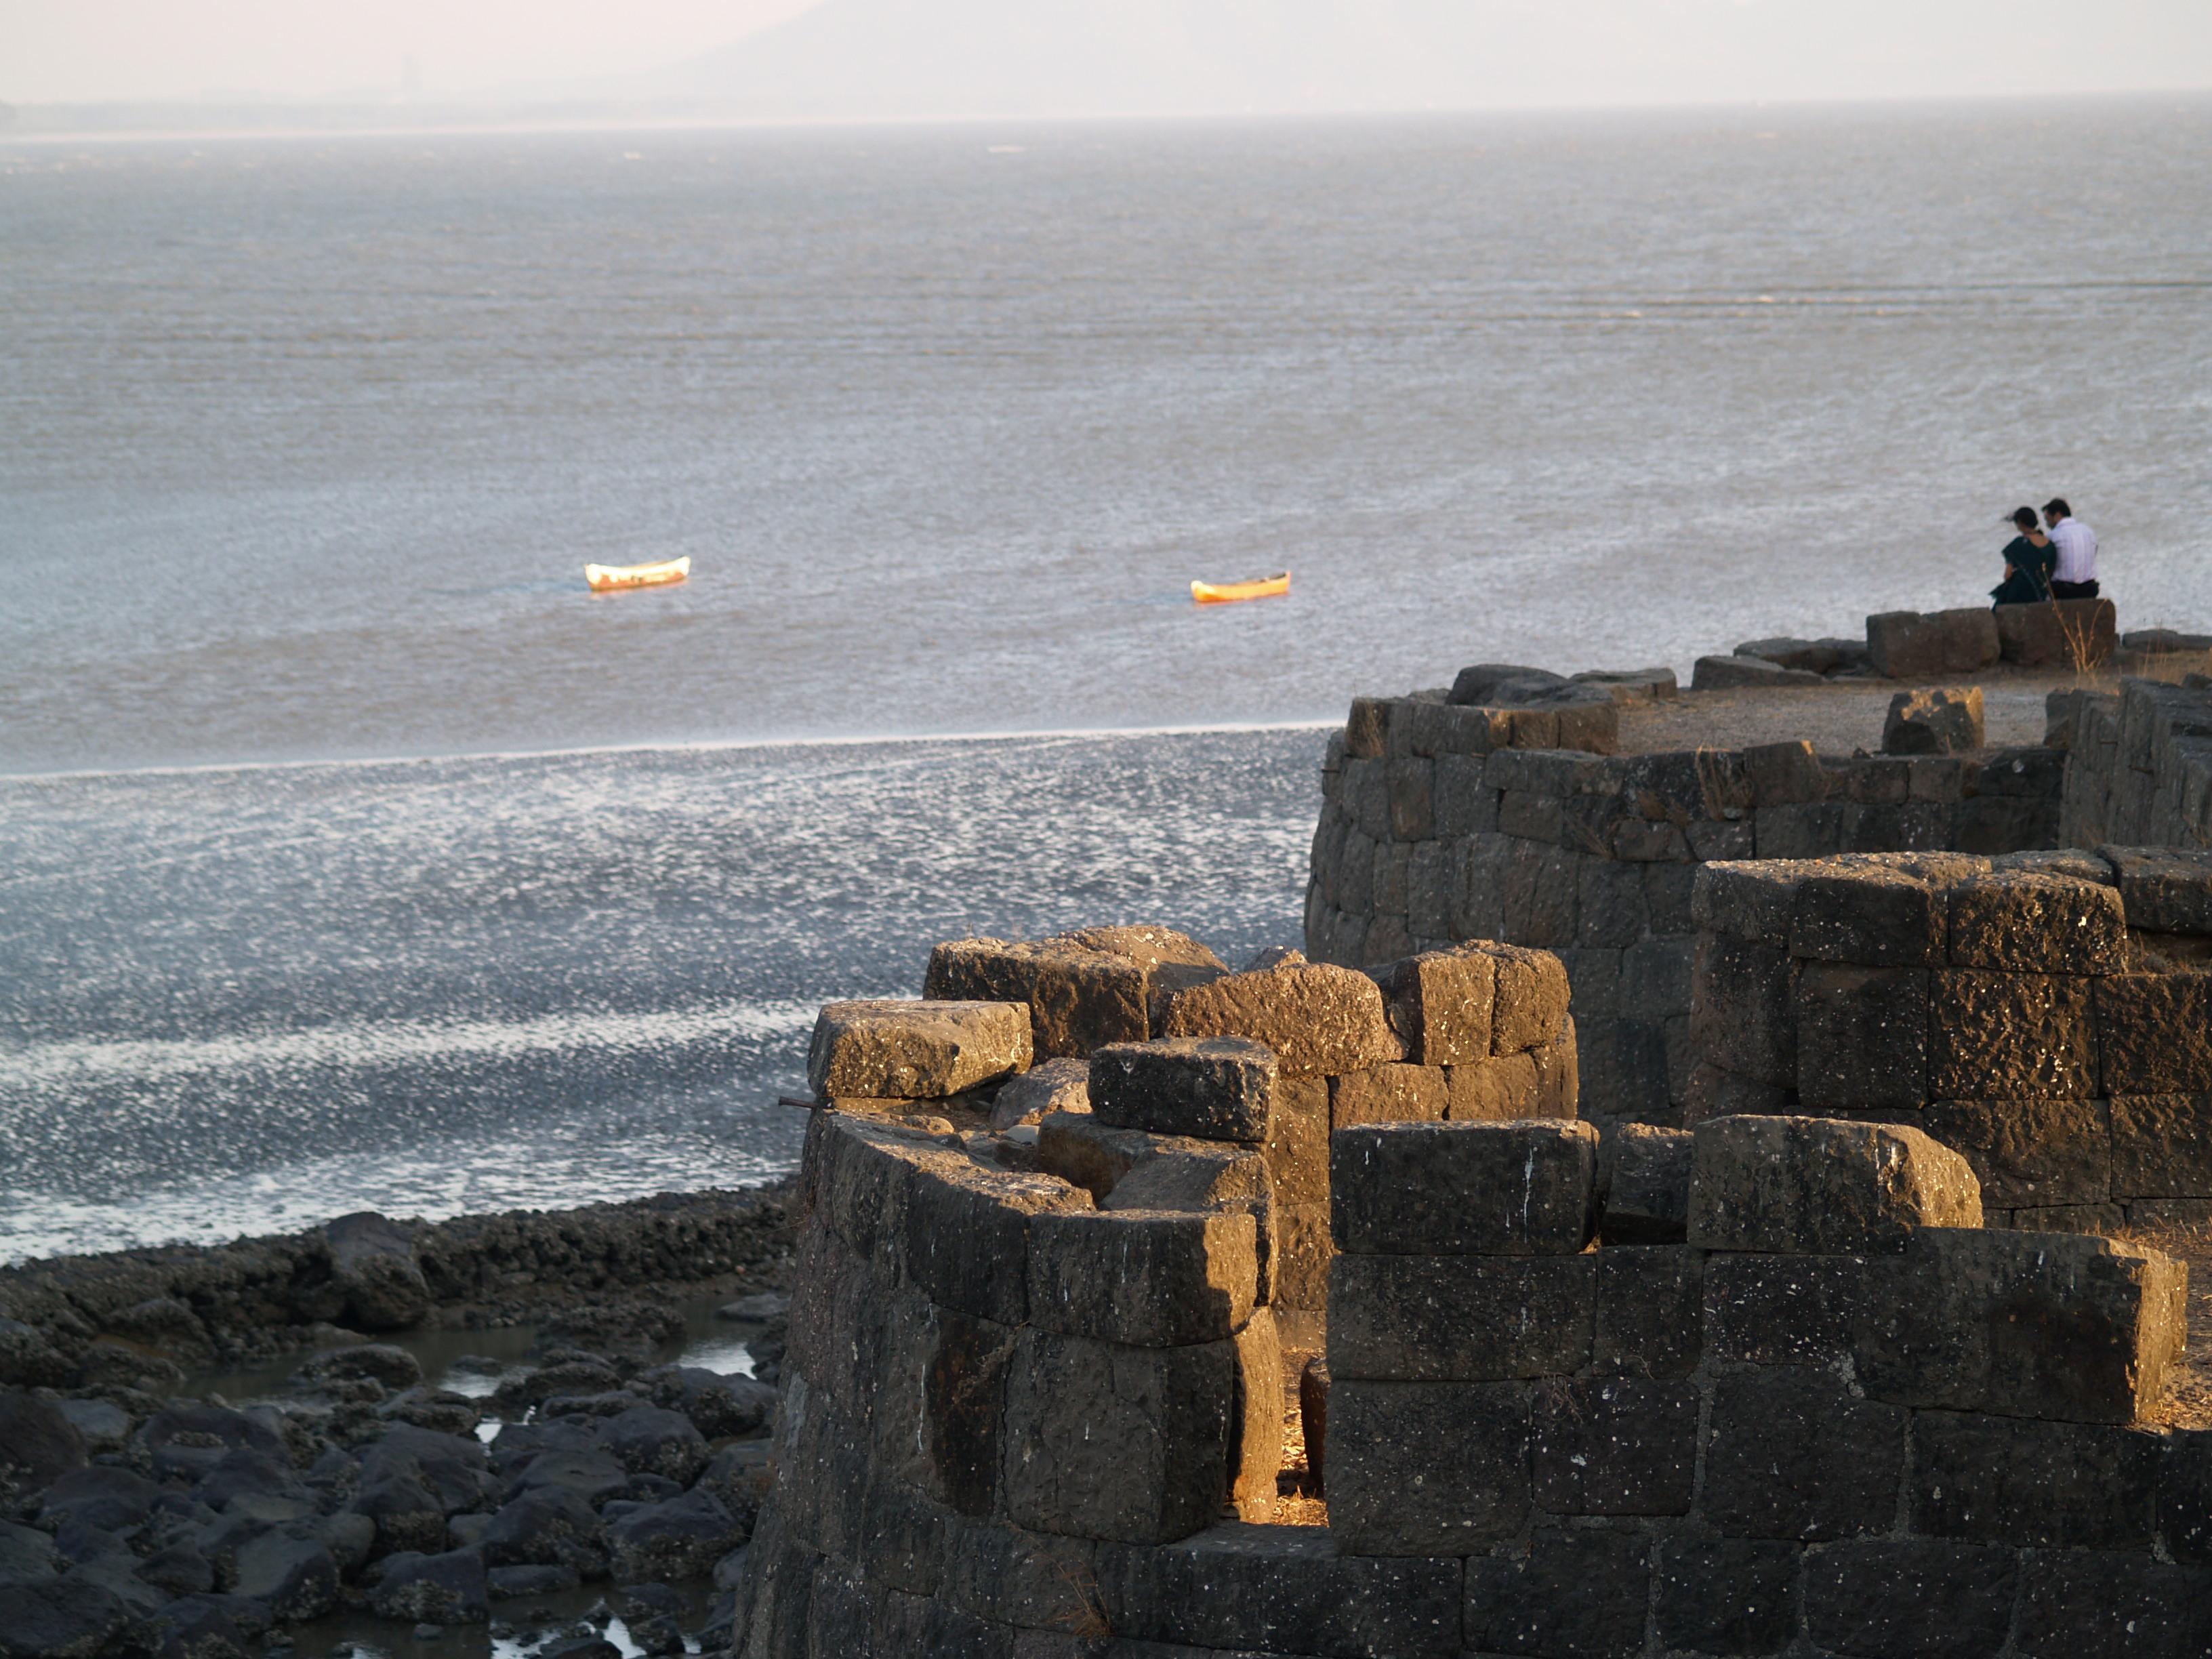 4Nts Scenic Maharashtra Tour